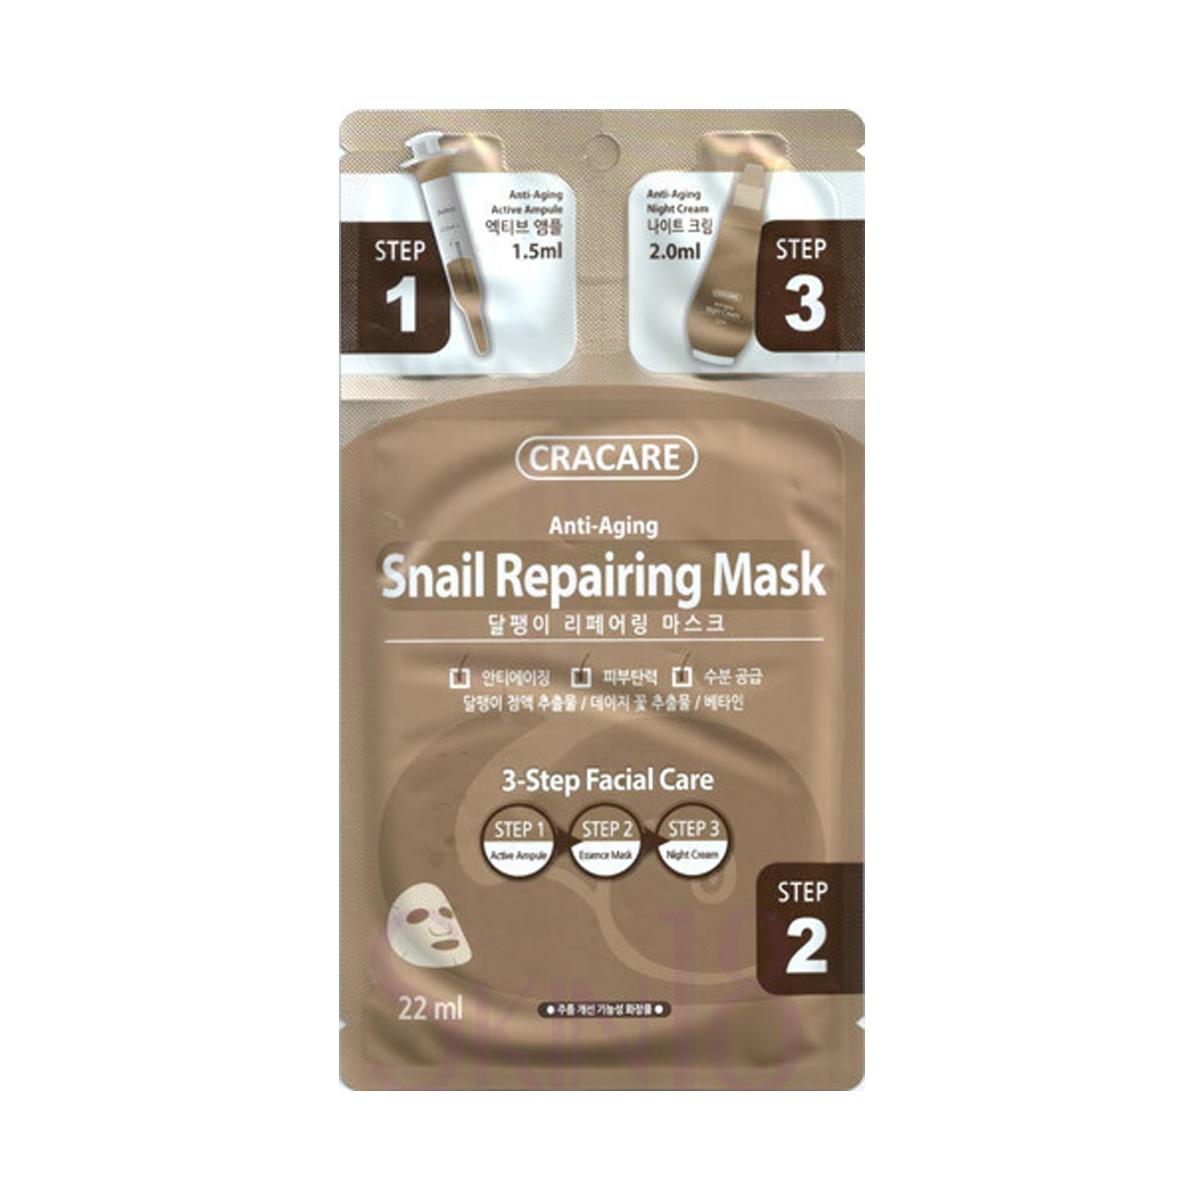 Cracare Регенерирующая маска с экстрактом слизи улитки 3 шага929622Регенерирующая маска с экстрактом слизи улитки эффективно регенерирует, восстанавливает и глубоко увлажняет кожу. 3-х Ступенчитая Противовозрастная Система Активная ампула. На очищенную кожу нанести умеренное количество, преимущественно вокруг глаз и губ, остаток ампулы может быть нанесено на область, которая Вас больше всего беспокоит. Маска. Нанести маску на лицо, оставить на 20-30 минут. .Затем снять маску, а остатки геля легкими движениями распределить по лицу.Ночной крем. Нанести умеренное количество, преимущественно вокруг глаз и губ.Меры предосторожности: Хранить в недоступном для детей месте. Избегать контакта с глазами.Срок годности: 3 года с даты изготовления.